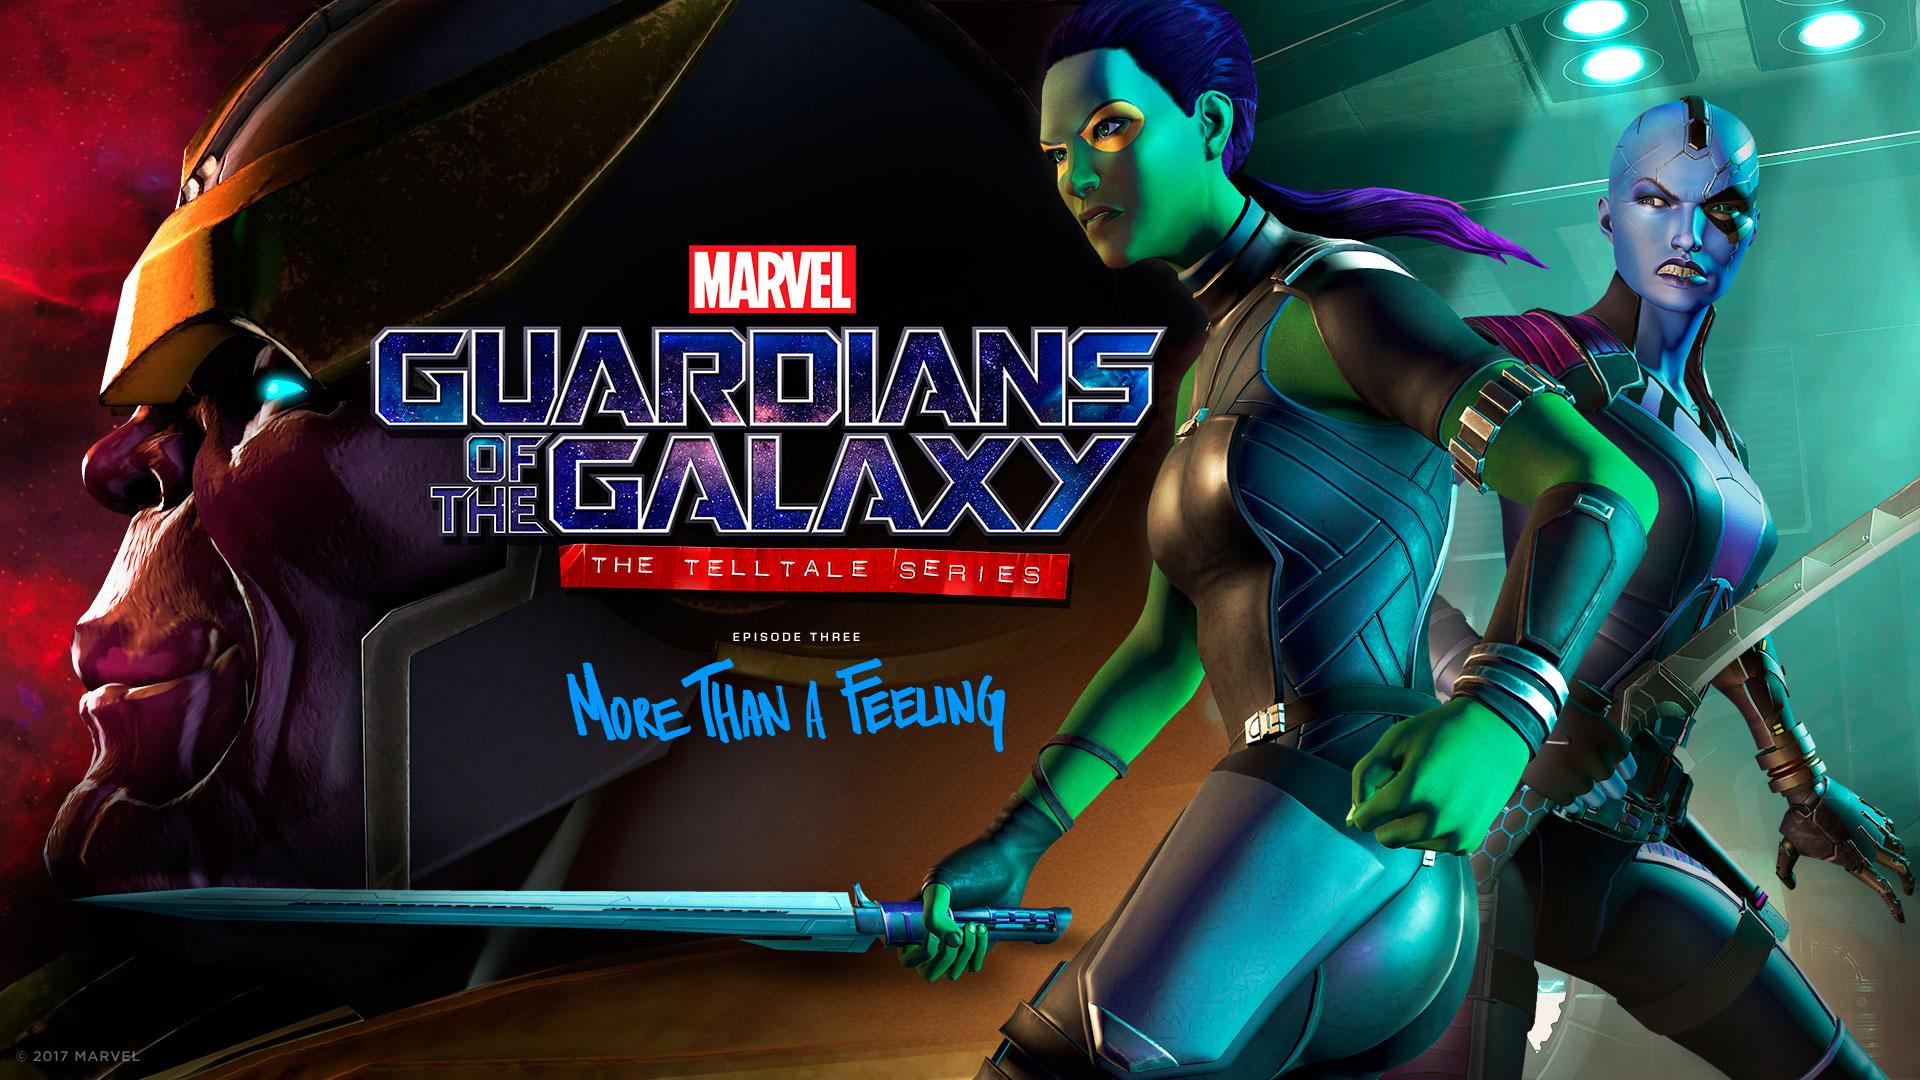 episodio 3 de Guardians of the Galaxy